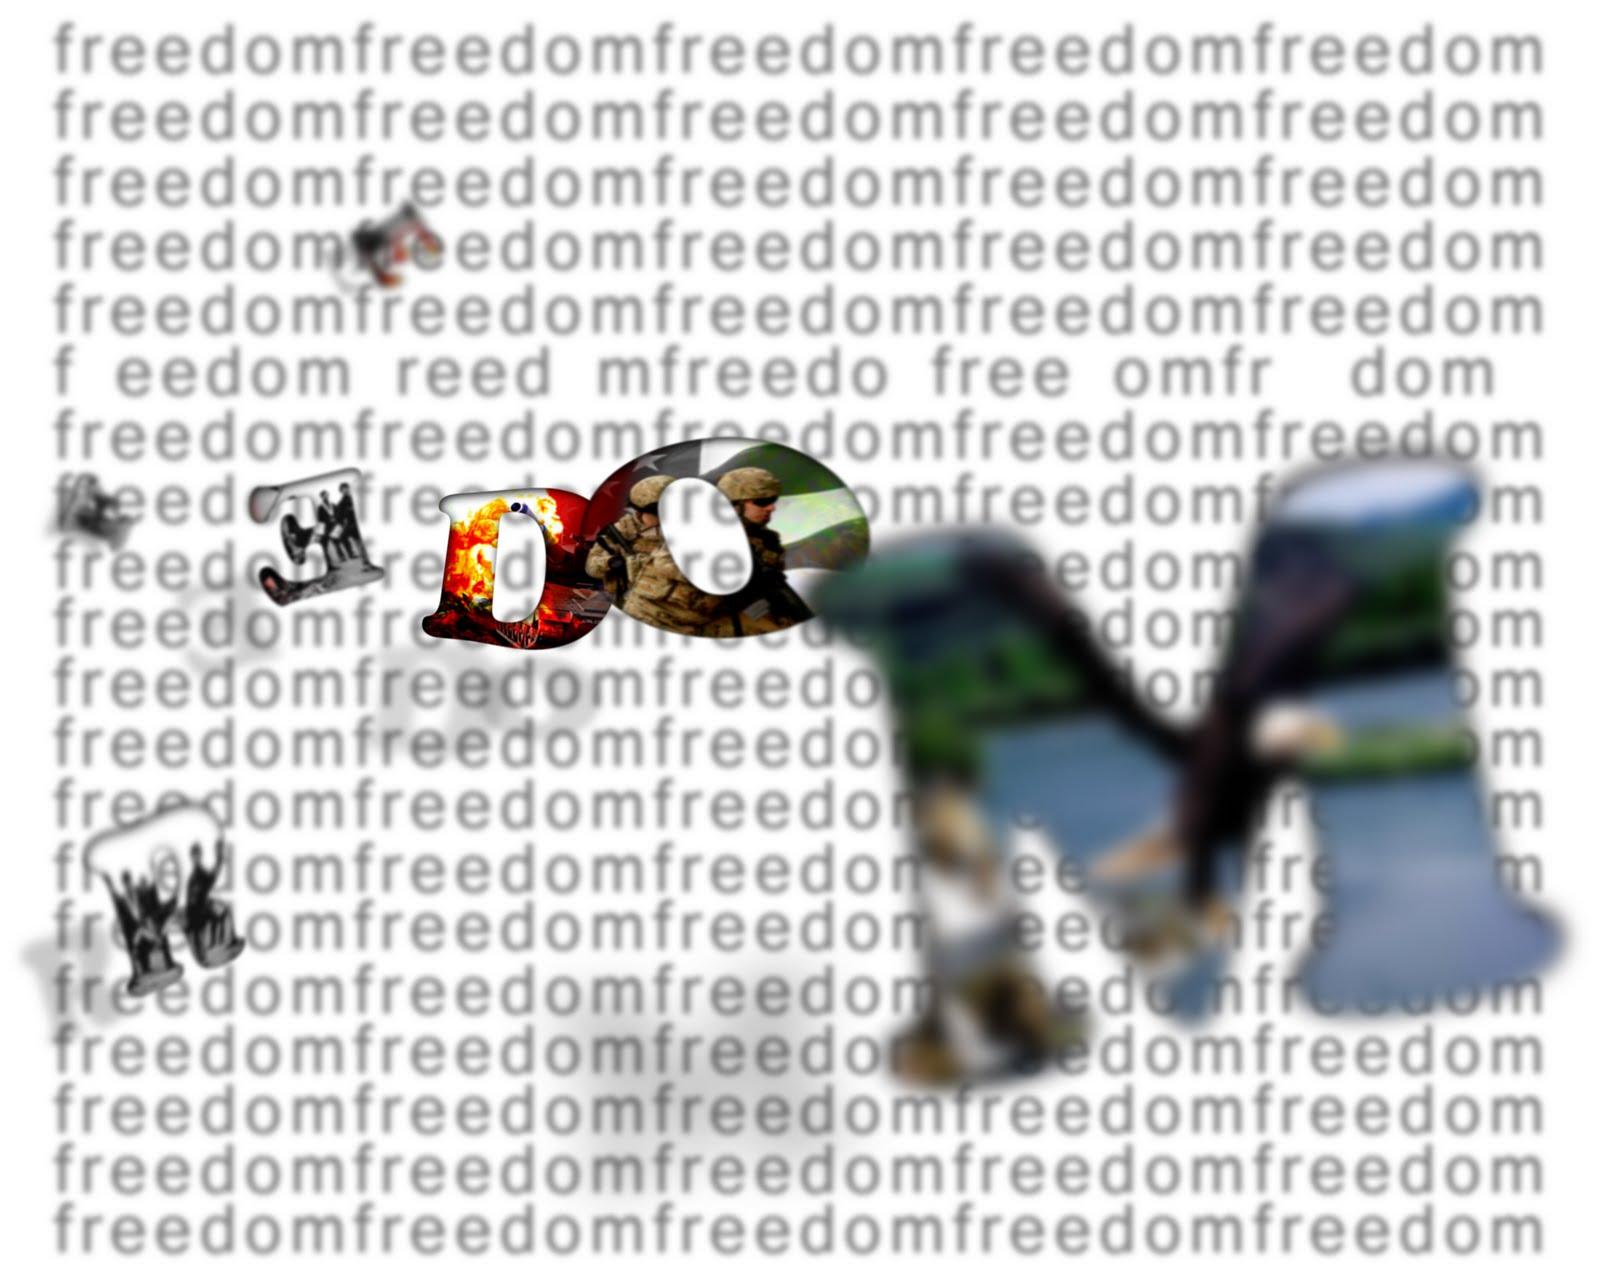 http://2.bp.blogspot.com/-ogHril8JqOw/TsxAuncp_EI/AAAAAAAAABg/lxwwT-pD6uA/s1600/WordProject5.jpg